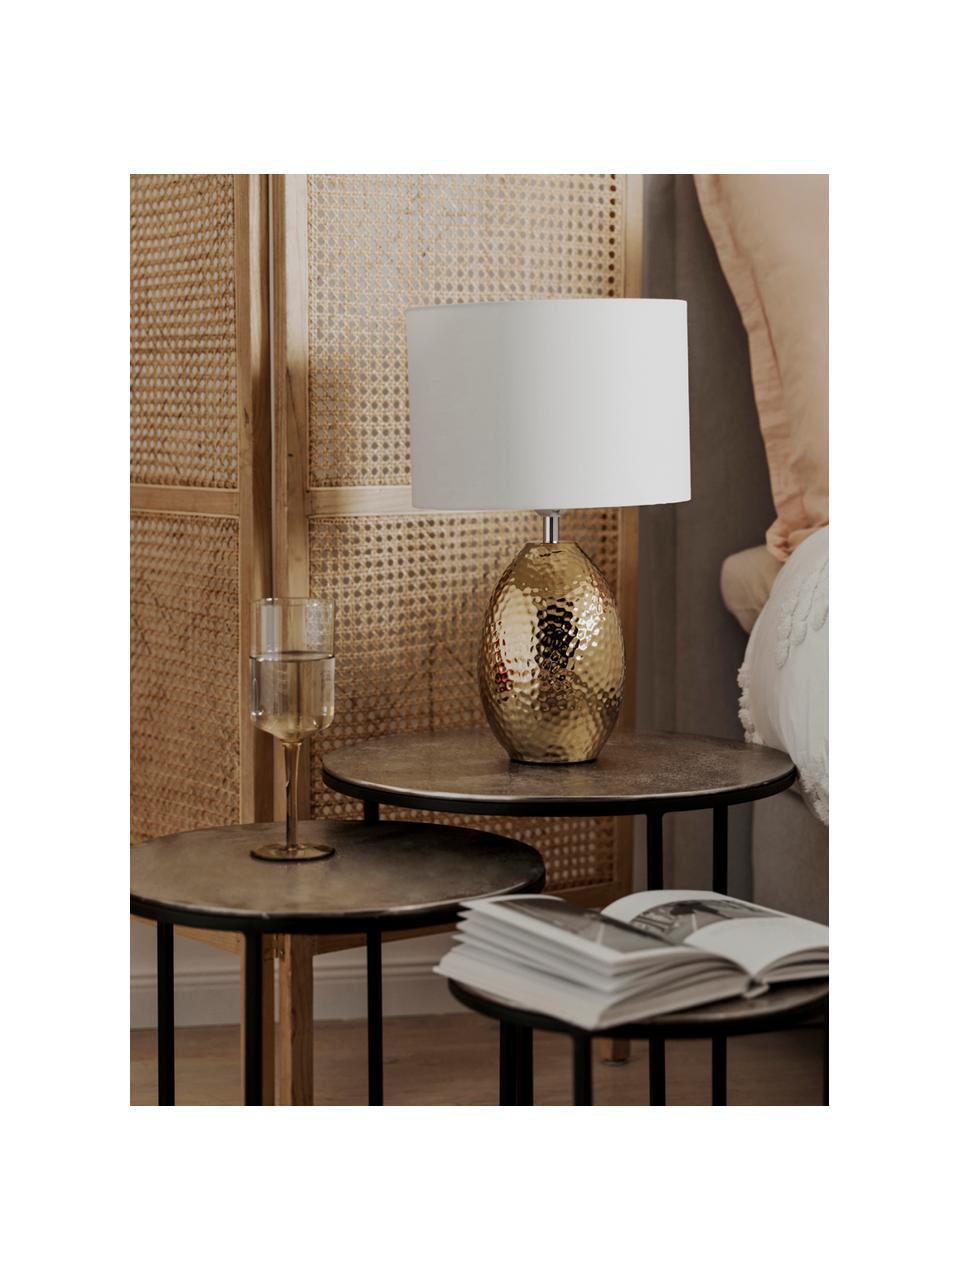 Lampada da tavolo color bianco-dorato Eleanora, Paralume: tessuto, Base della lampada: ceramica, Bianco, dorato, Ø 28 x Alt. 47 cm